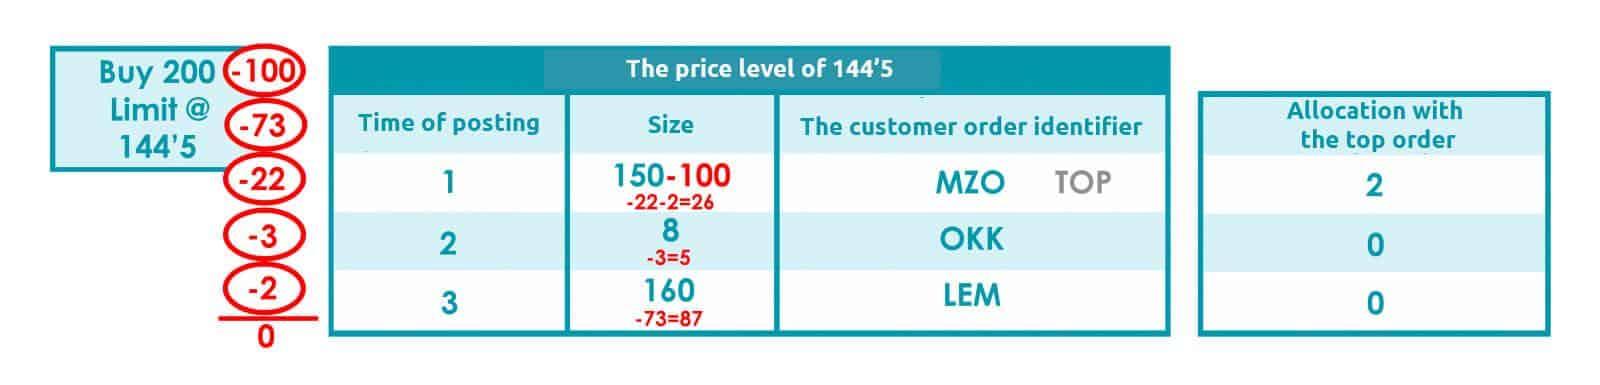 The price level